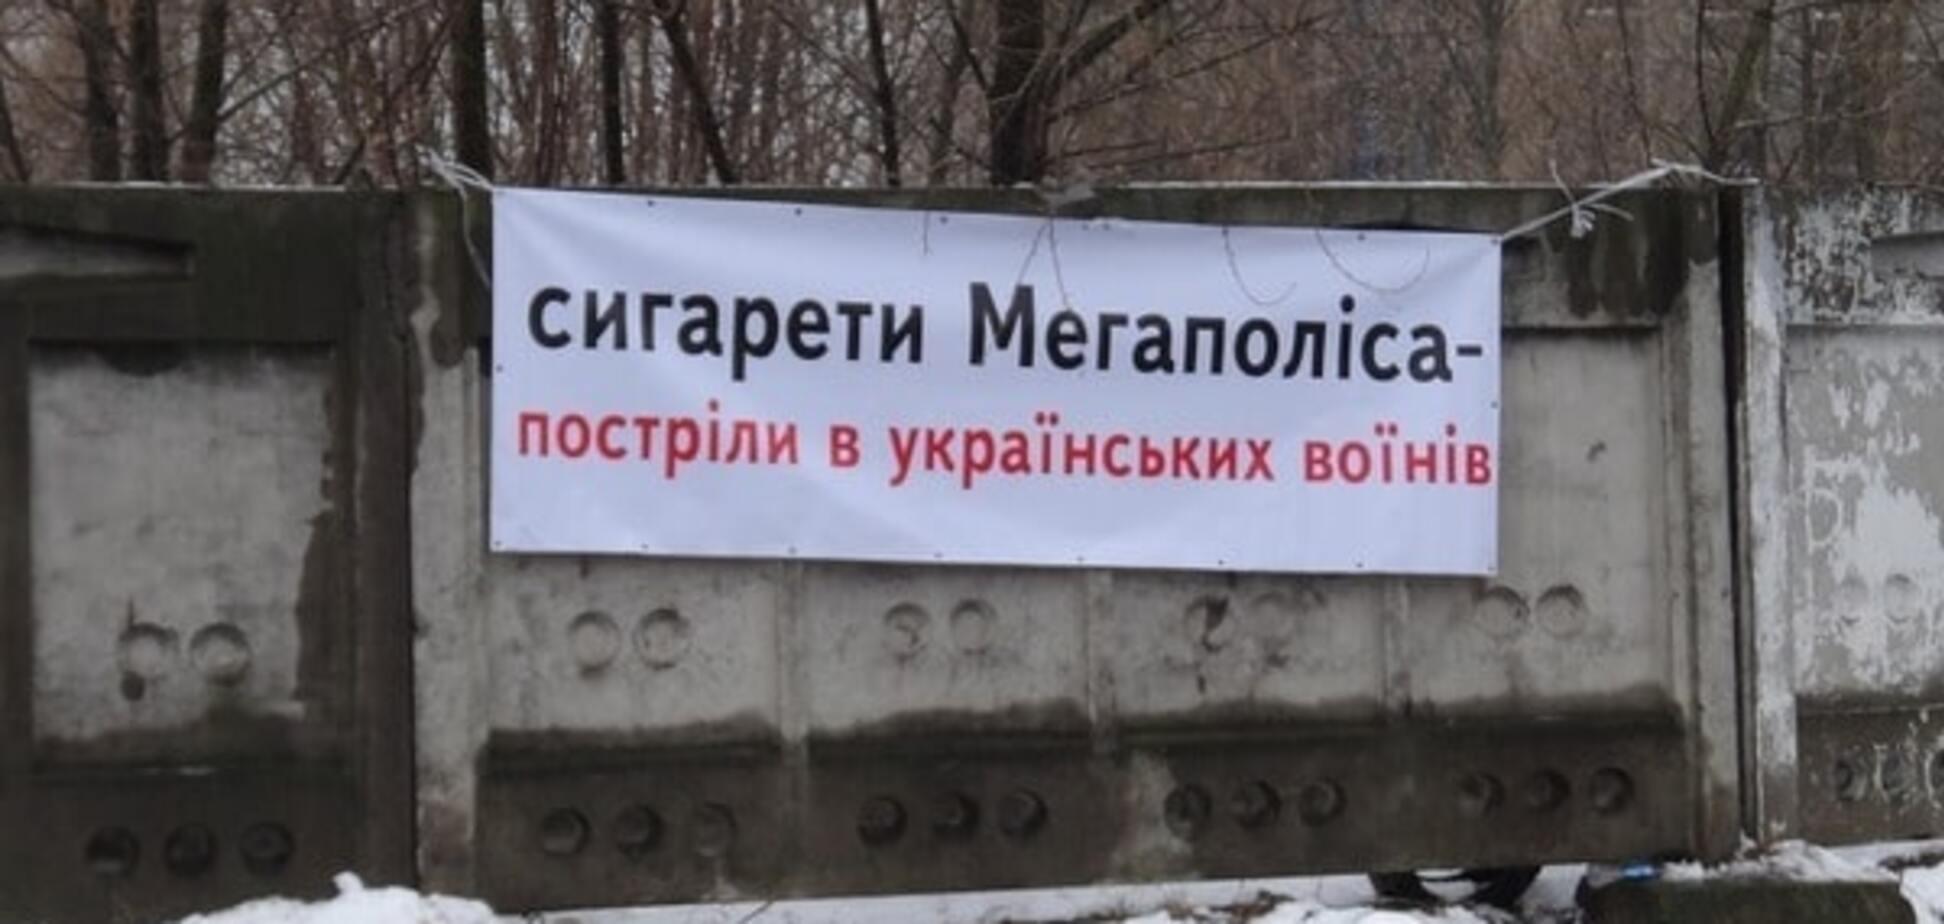 Викурити вбивць: українці взяли боротьбу з бізнесом окупантів у свої руки